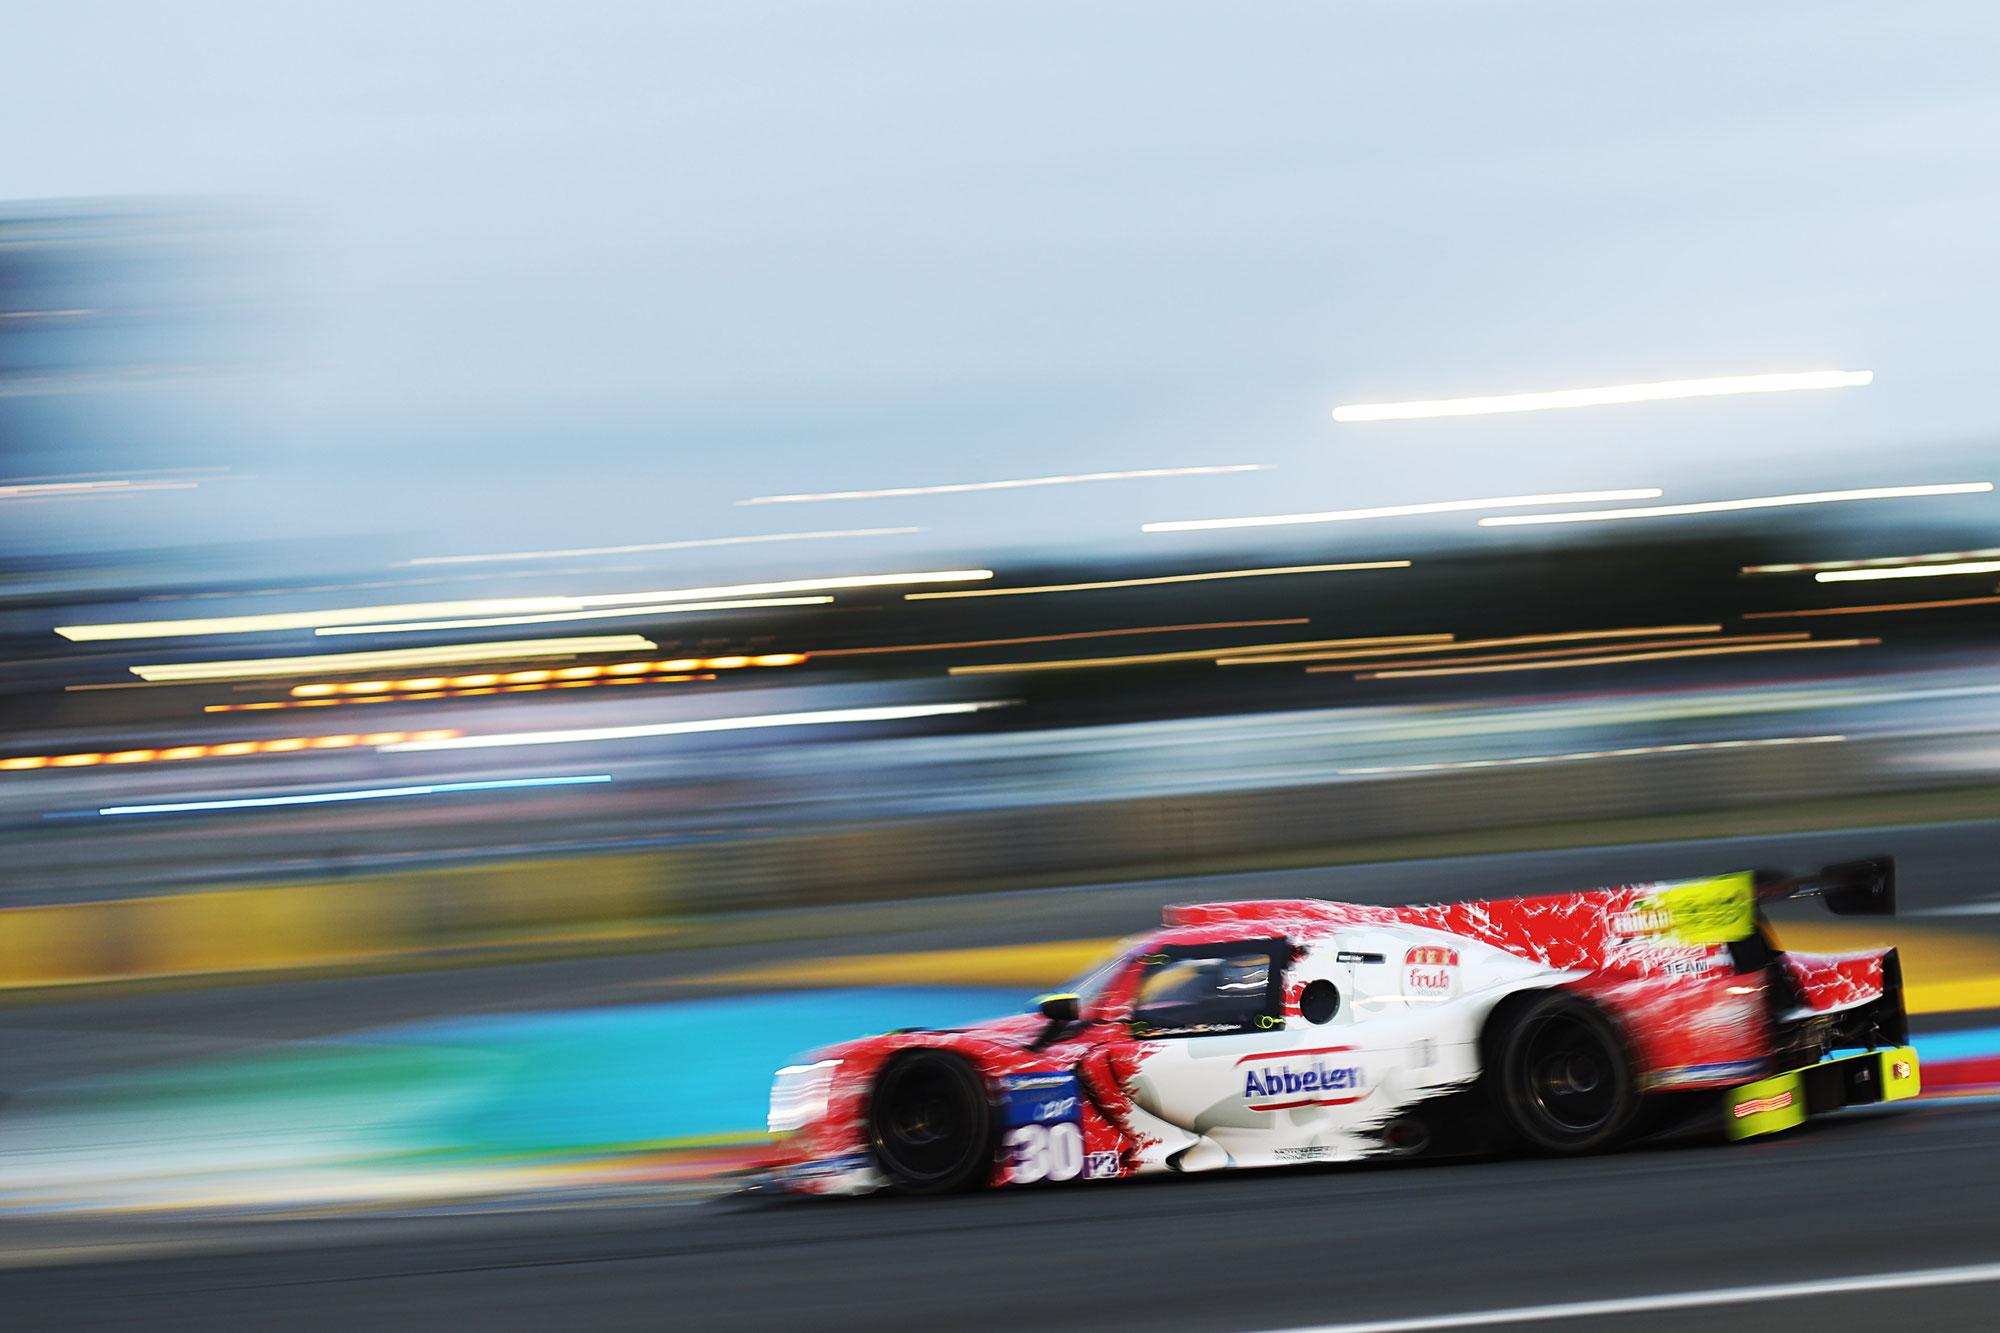 Erstes Top-10 Ergebnis für Frikadelli Racing im Michelin Le Mans Cup